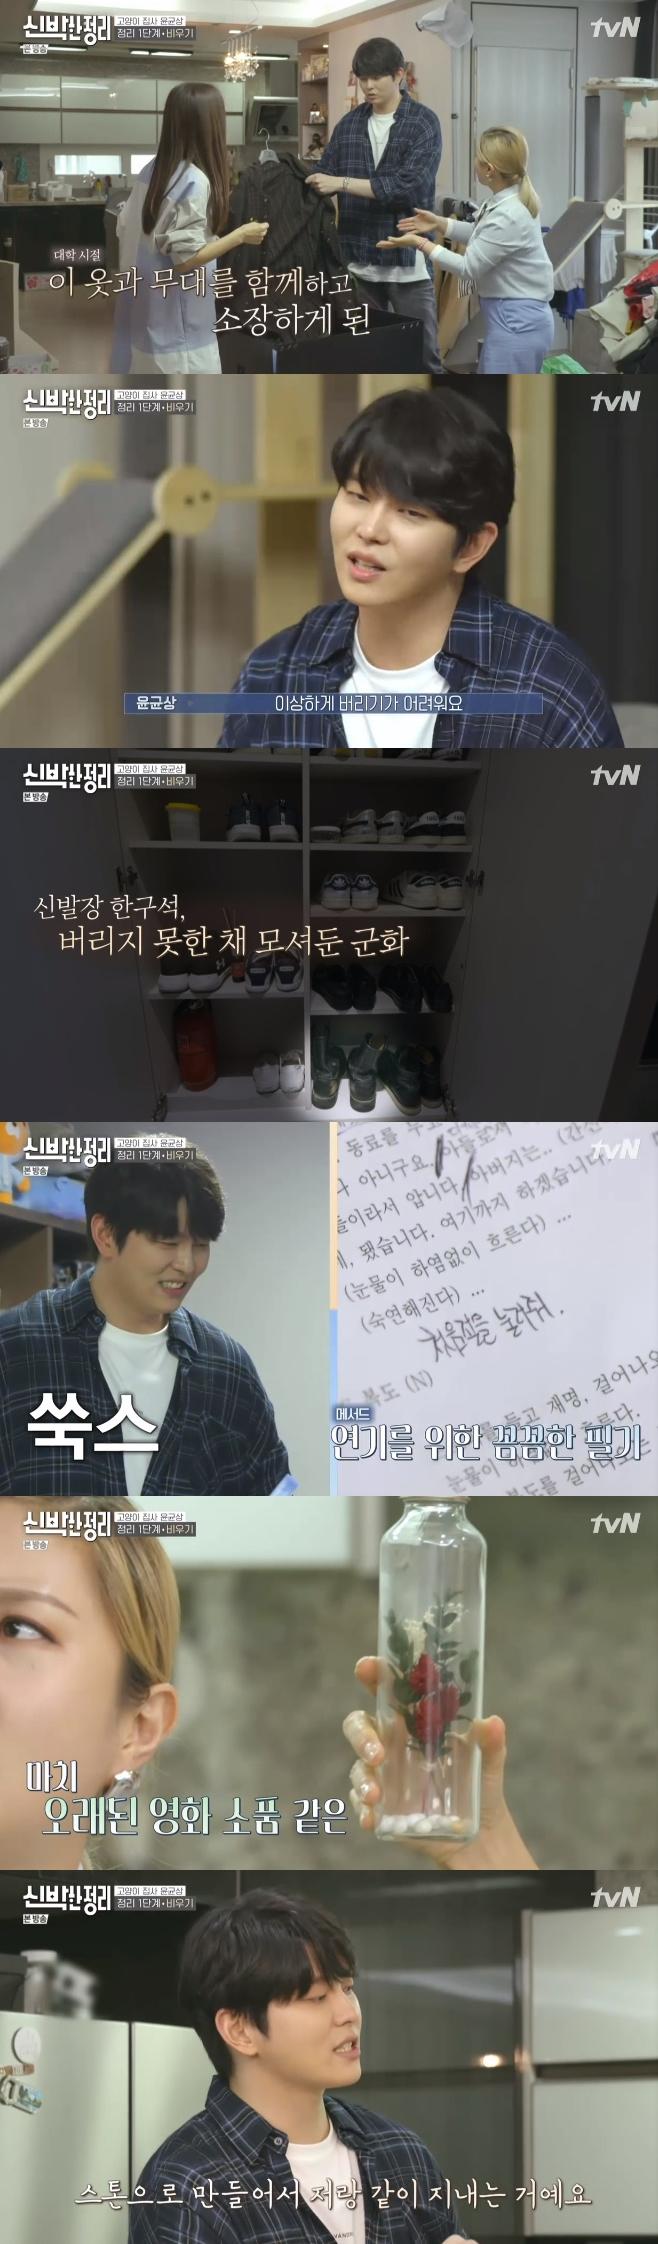 tvN 신박한 정리